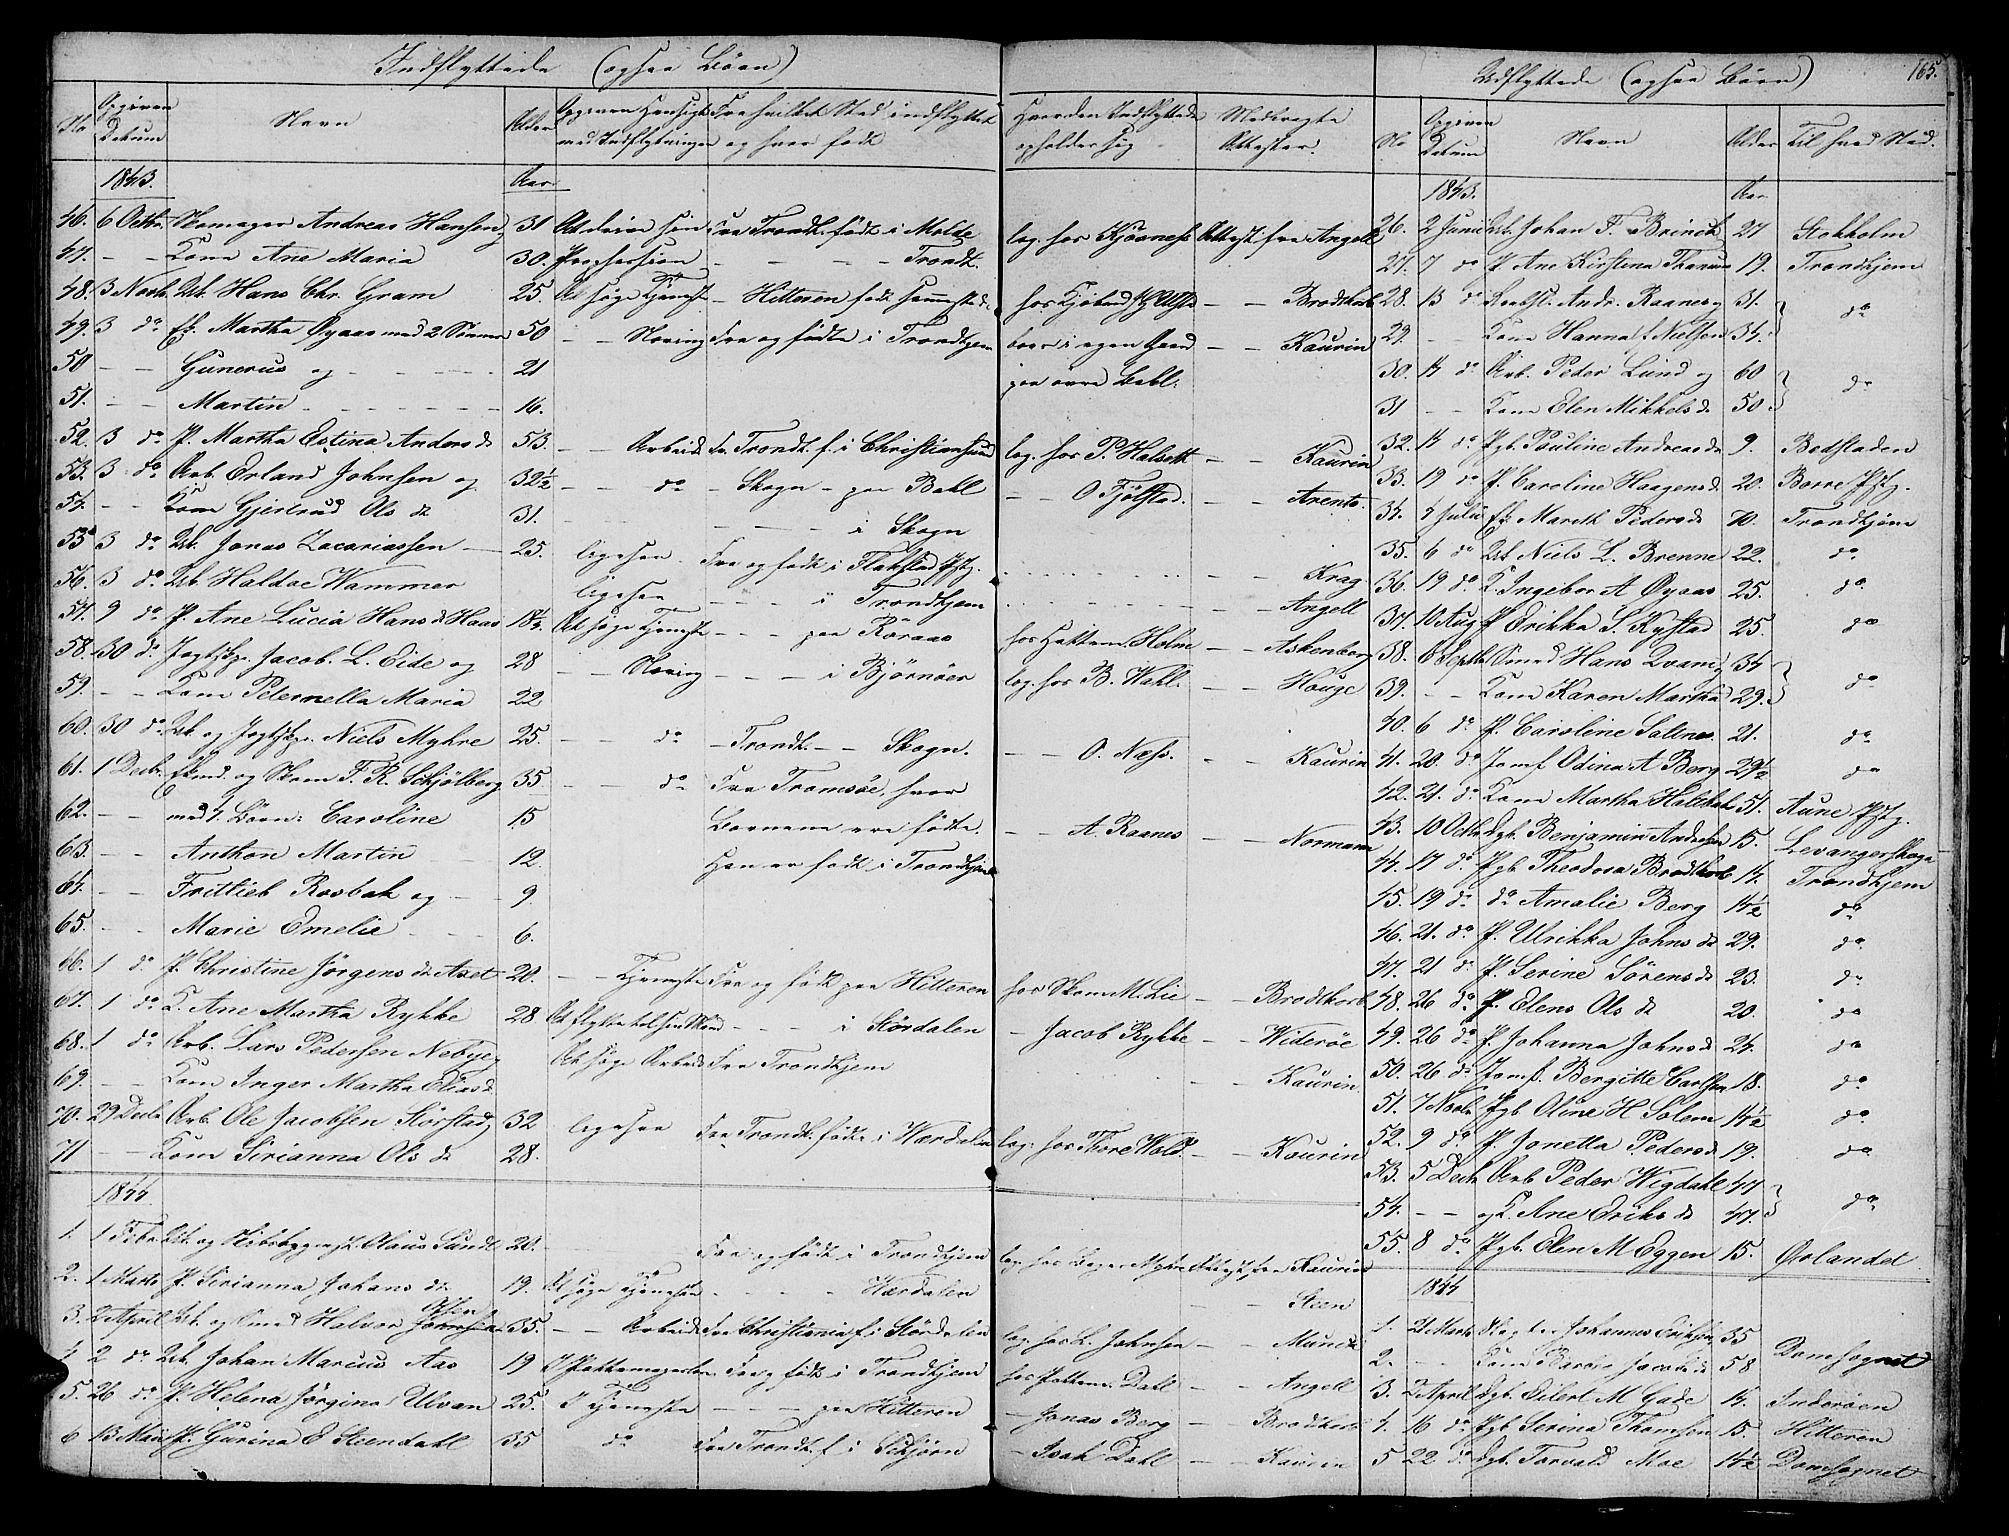 SAT, Ministerialprotokoller, klokkerbøker og fødselsregistre - Sør-Trøndelag, 604/L0182: Ministerialbok nr. 604A03, 1818-1850, s. 165